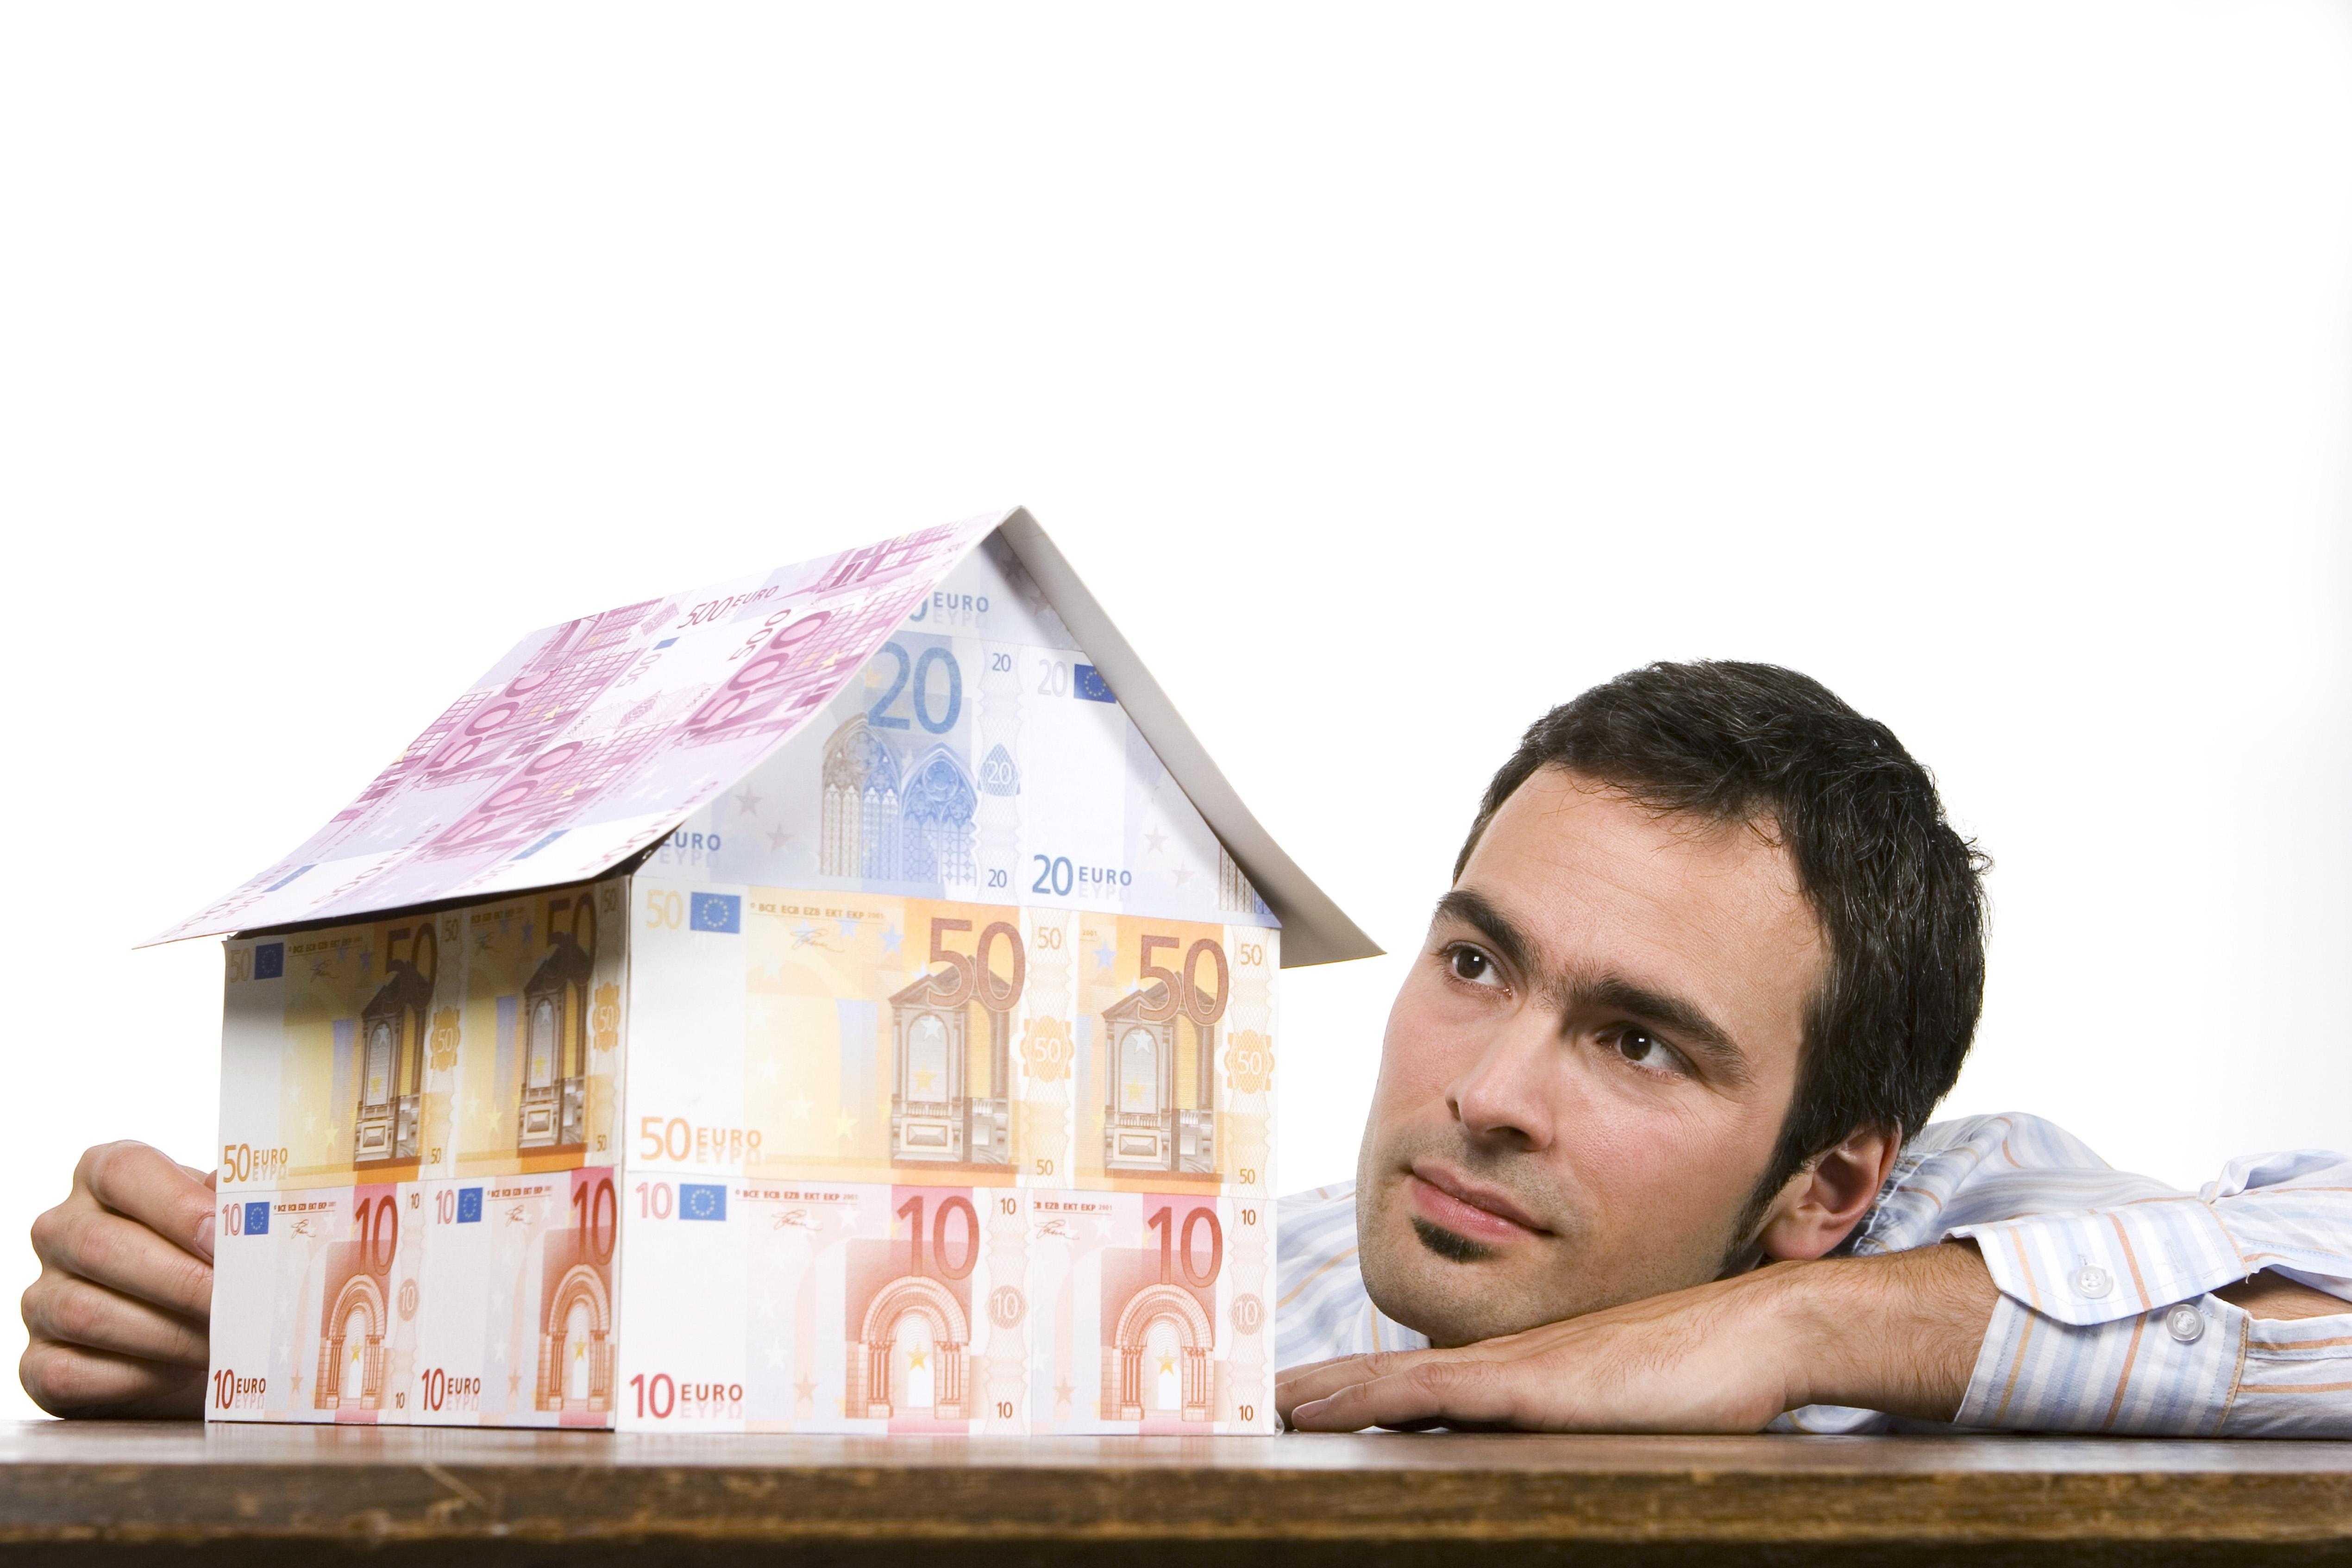 Si vives de alquiler en madrid muy pronto vas a recibir - Compra de casa ...